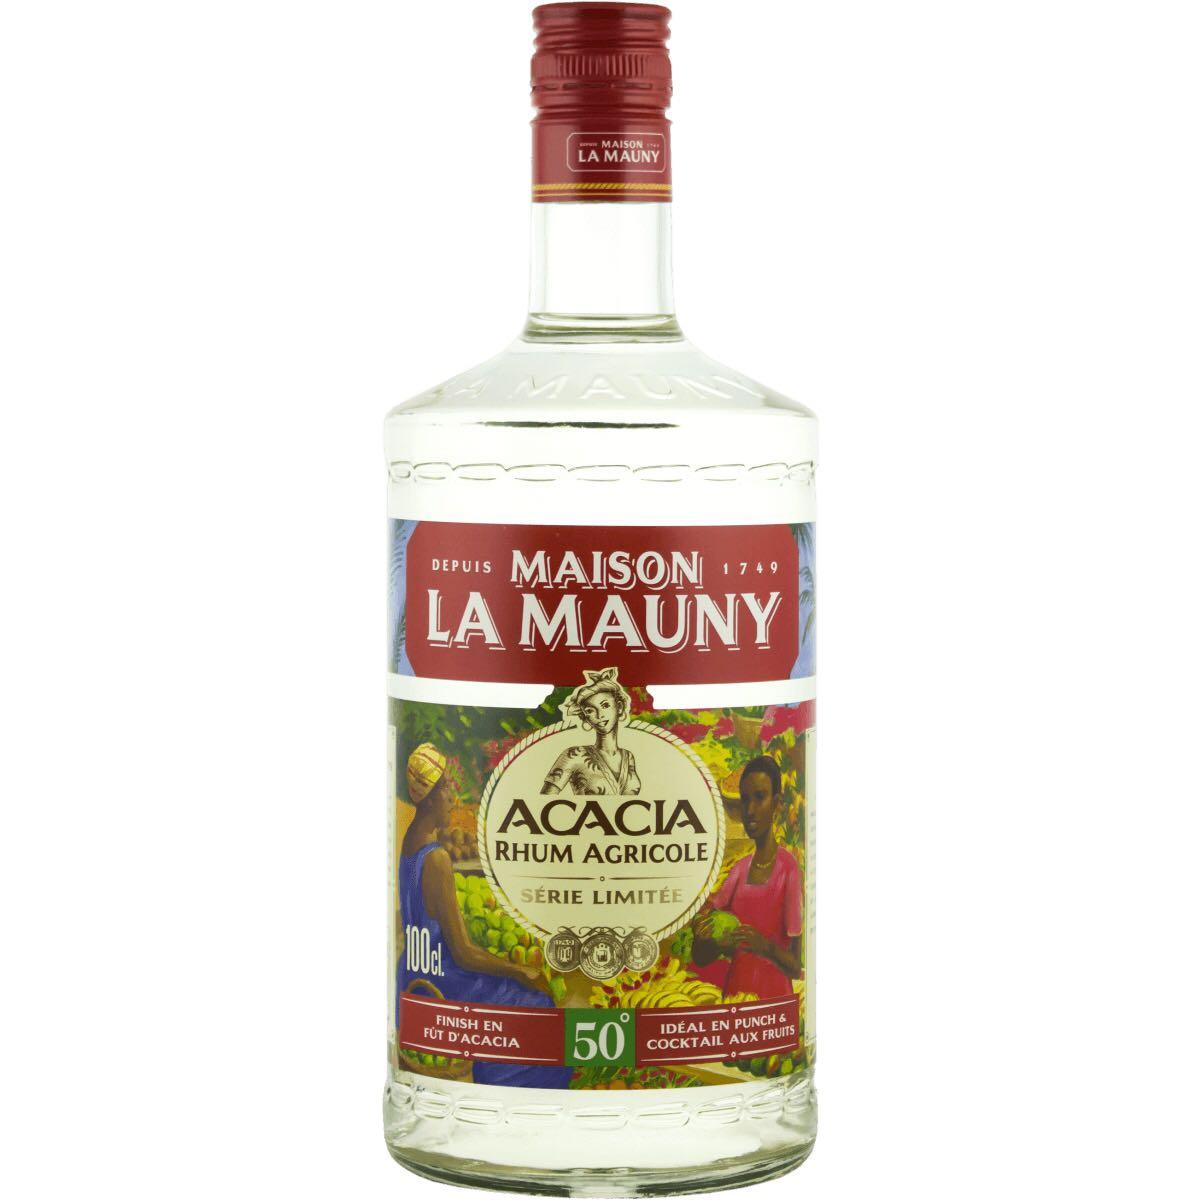 Bottle image of Acacia